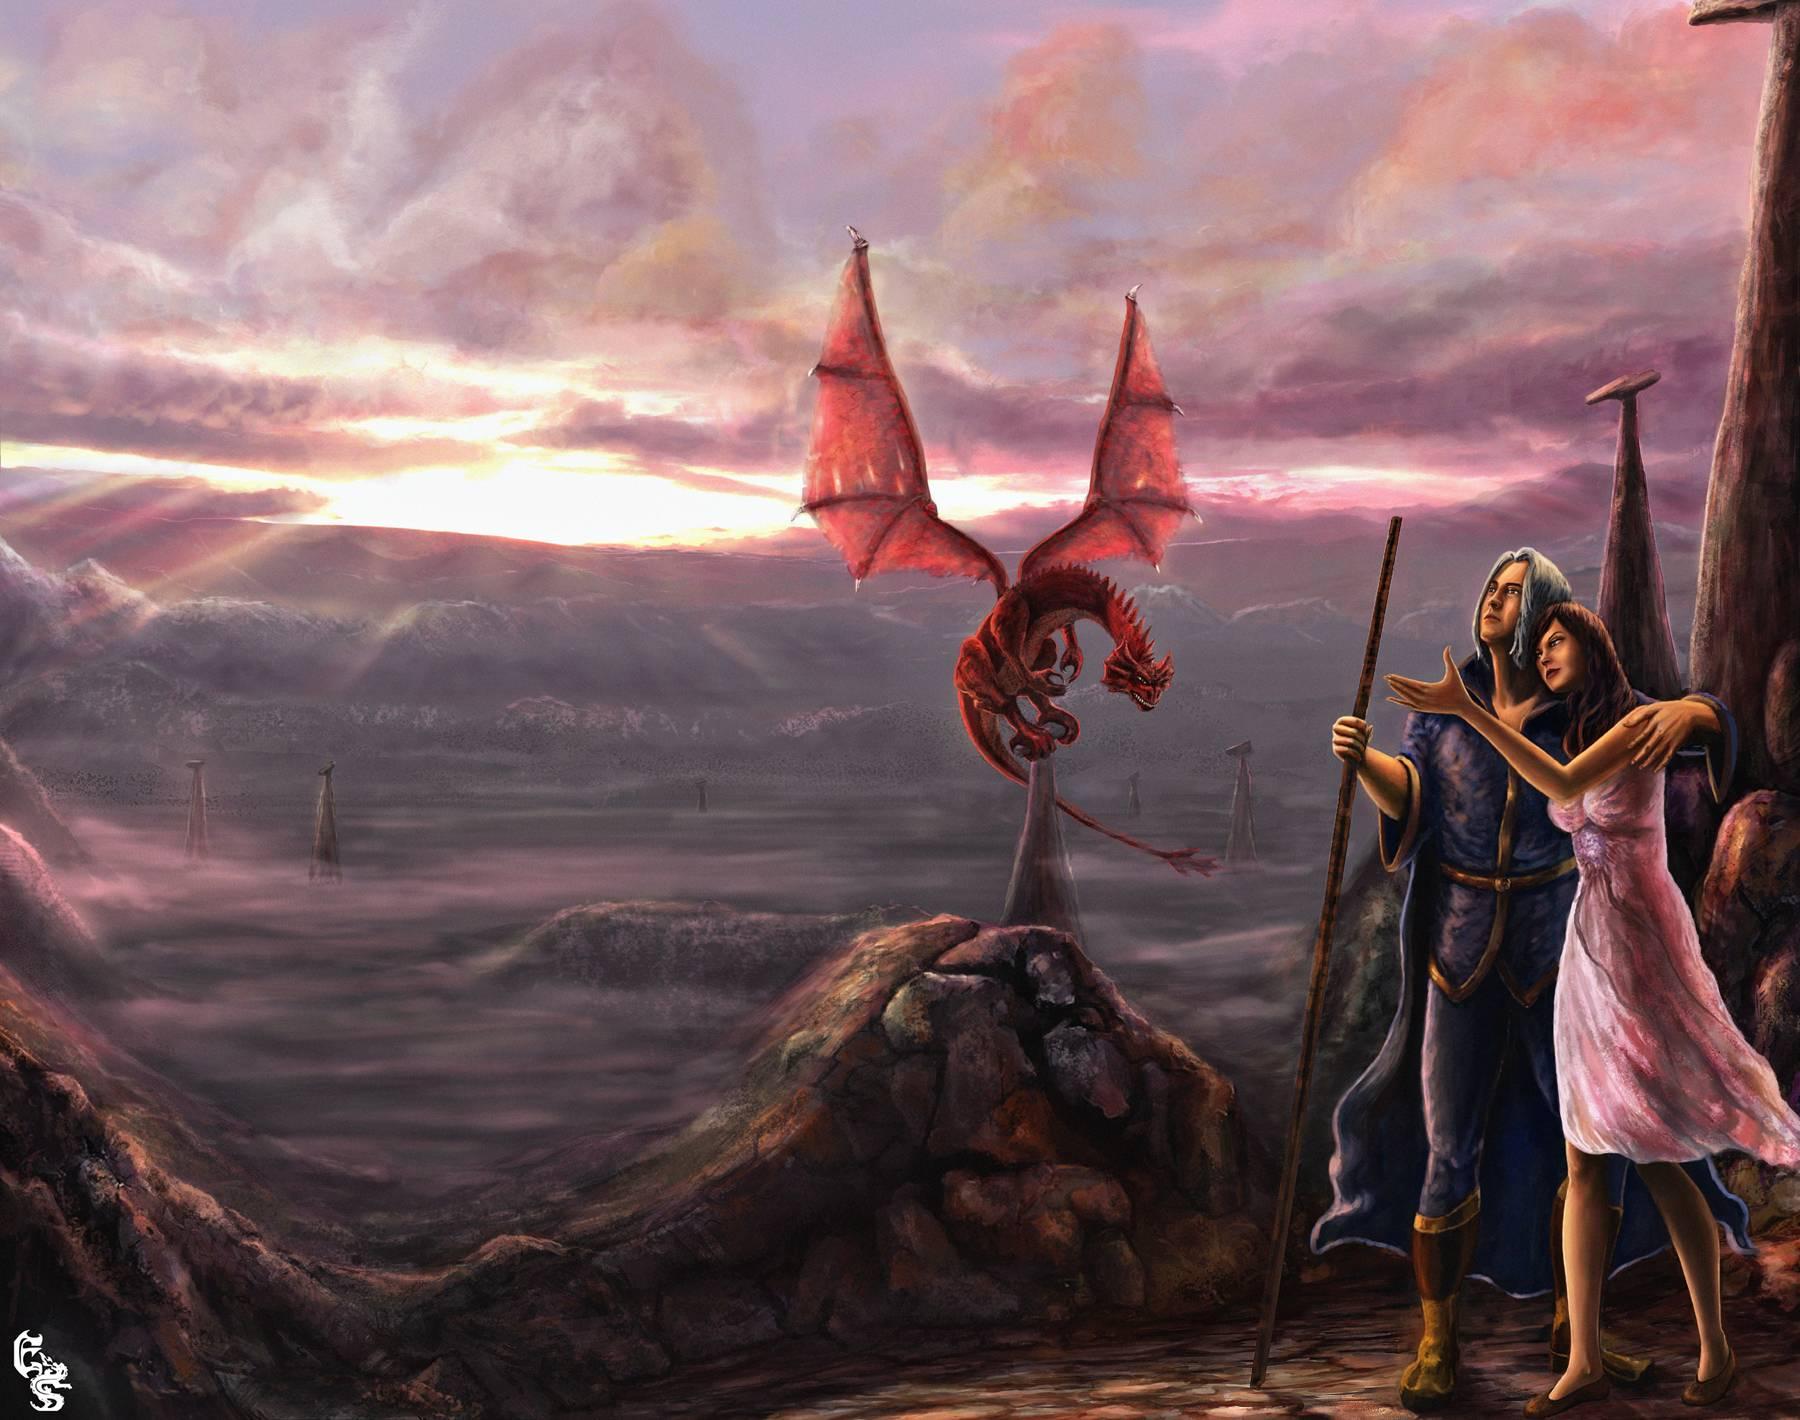 1680x1050 Playerunknowns Battlegrounds Artwork 1680x1050: Dragonlance Wallpapers